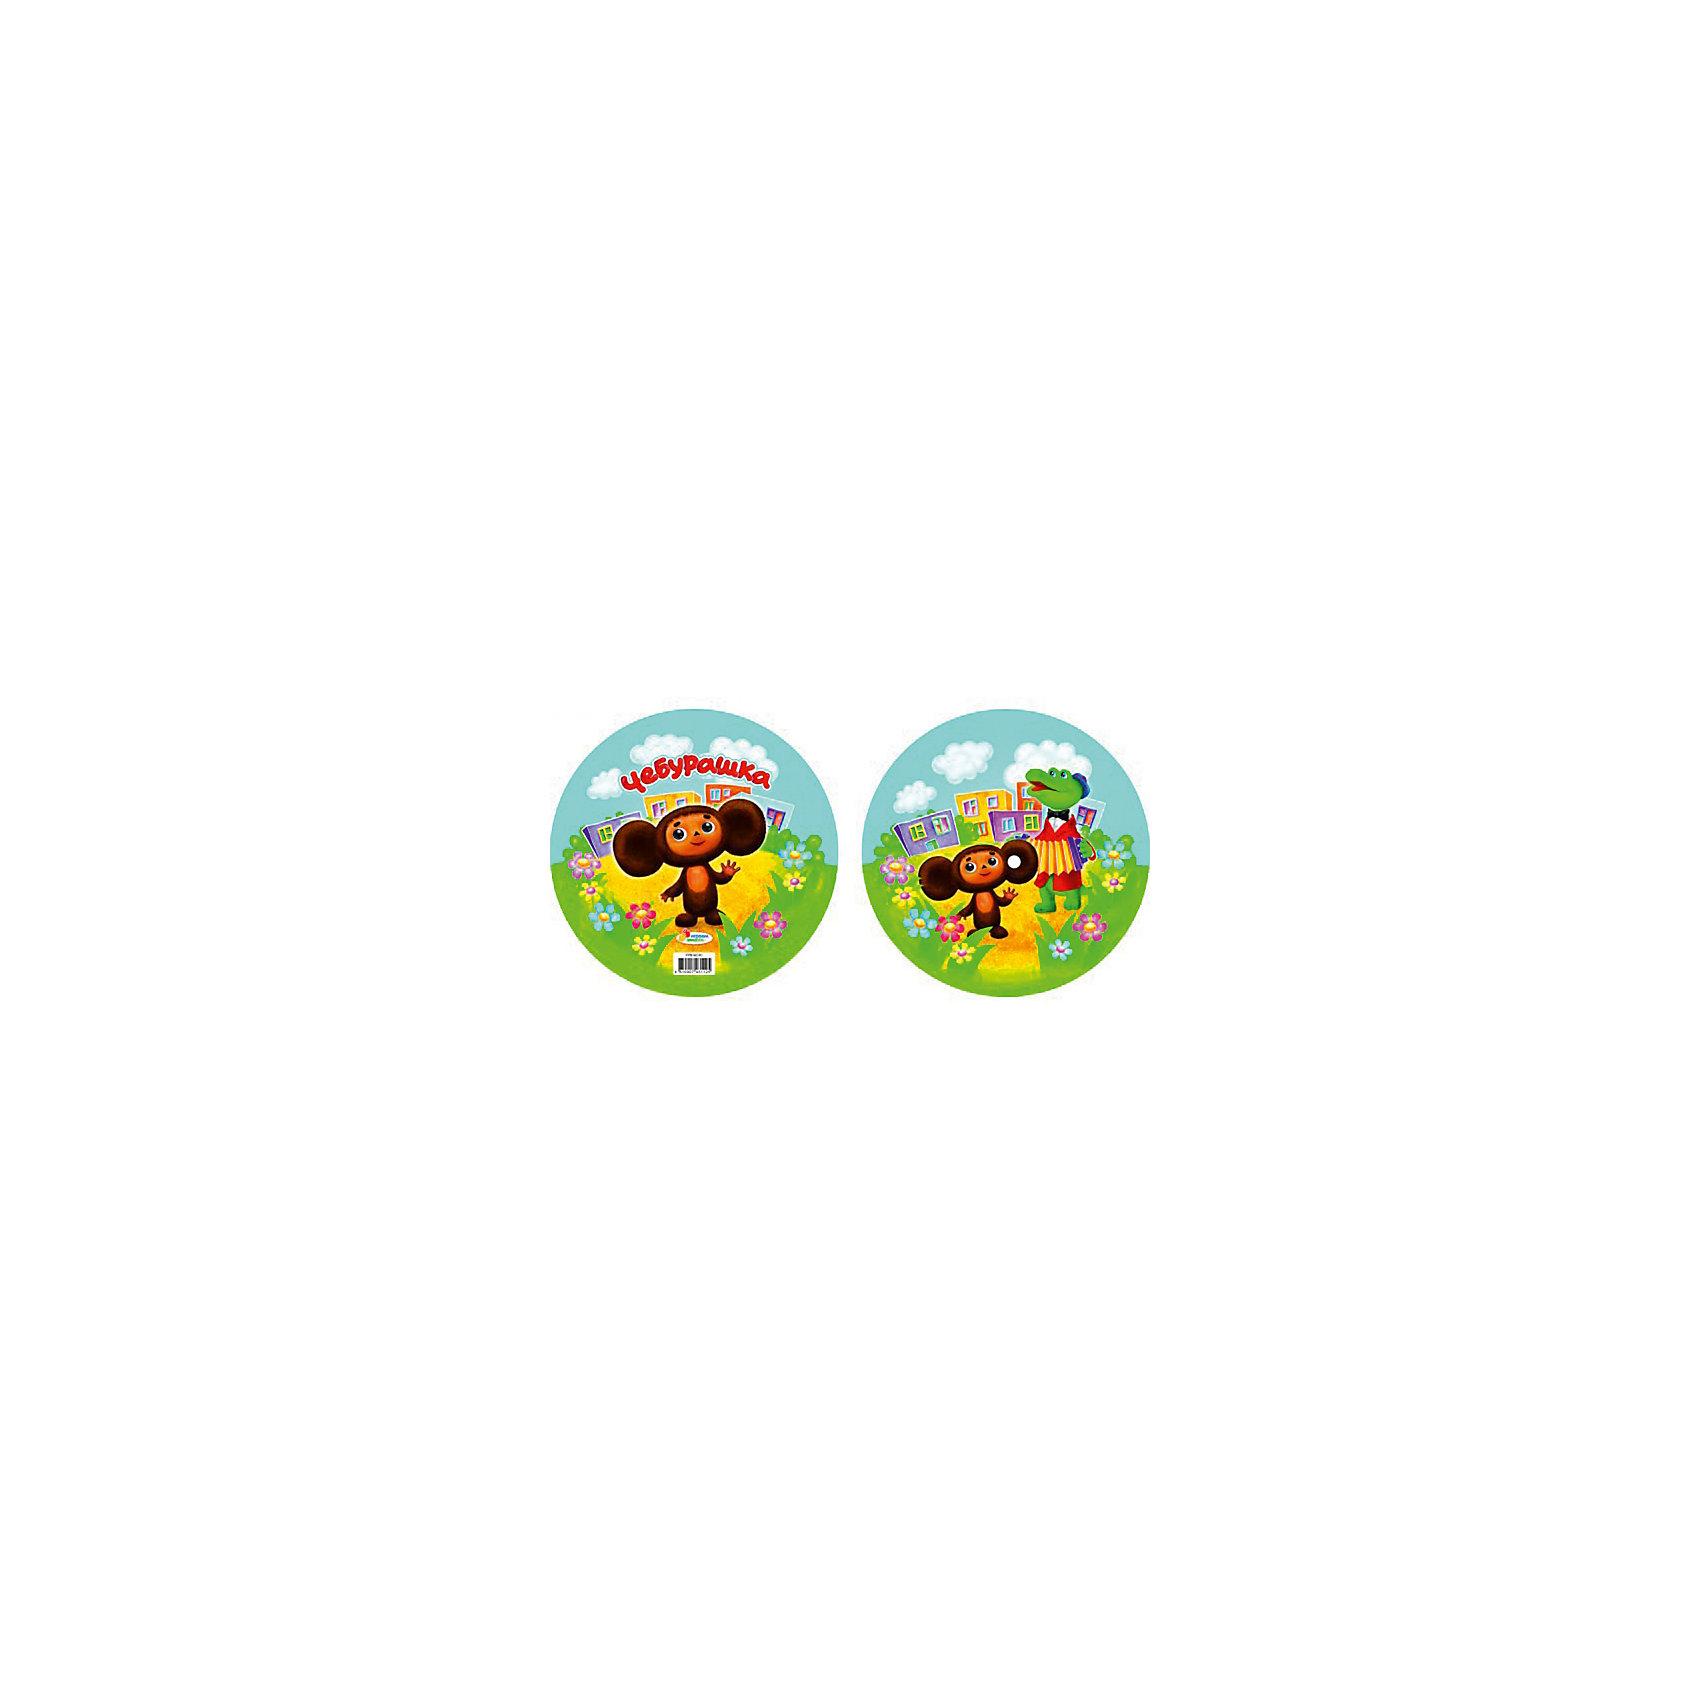 Мяч, 23 см, Чебурашка , Играем вместеМяч с изображением очаровательного Чебурашки - прекрасный подарок для любого ребенка! Игры с мячом  стимулируют детей к физической активности, развивают моторику, координацию, тренируют различные группы мышц. Игрушка выполнена из высококачественных материалов, в производстве которых использованы только нетоксичные, безопасные для детей красители. <br><br>Дополнительная информация:<br><br>- Материал: ПВХ.<br>- Размер d - 23 см.<br><br>Мяч, 23 см, Чебурашка, Играем вместе, можно купить в нашем магазине.<br><br>Ширина мм: 400<br>Глубина мм: 400<br>Высота мм: 450<br>Вес г: 140<br>Возраст от месяцев: 36<br>Возраст до месяцев: 96<br>Пол: Унисекс<br>Возраст: Детский<br>SKU: 4616855